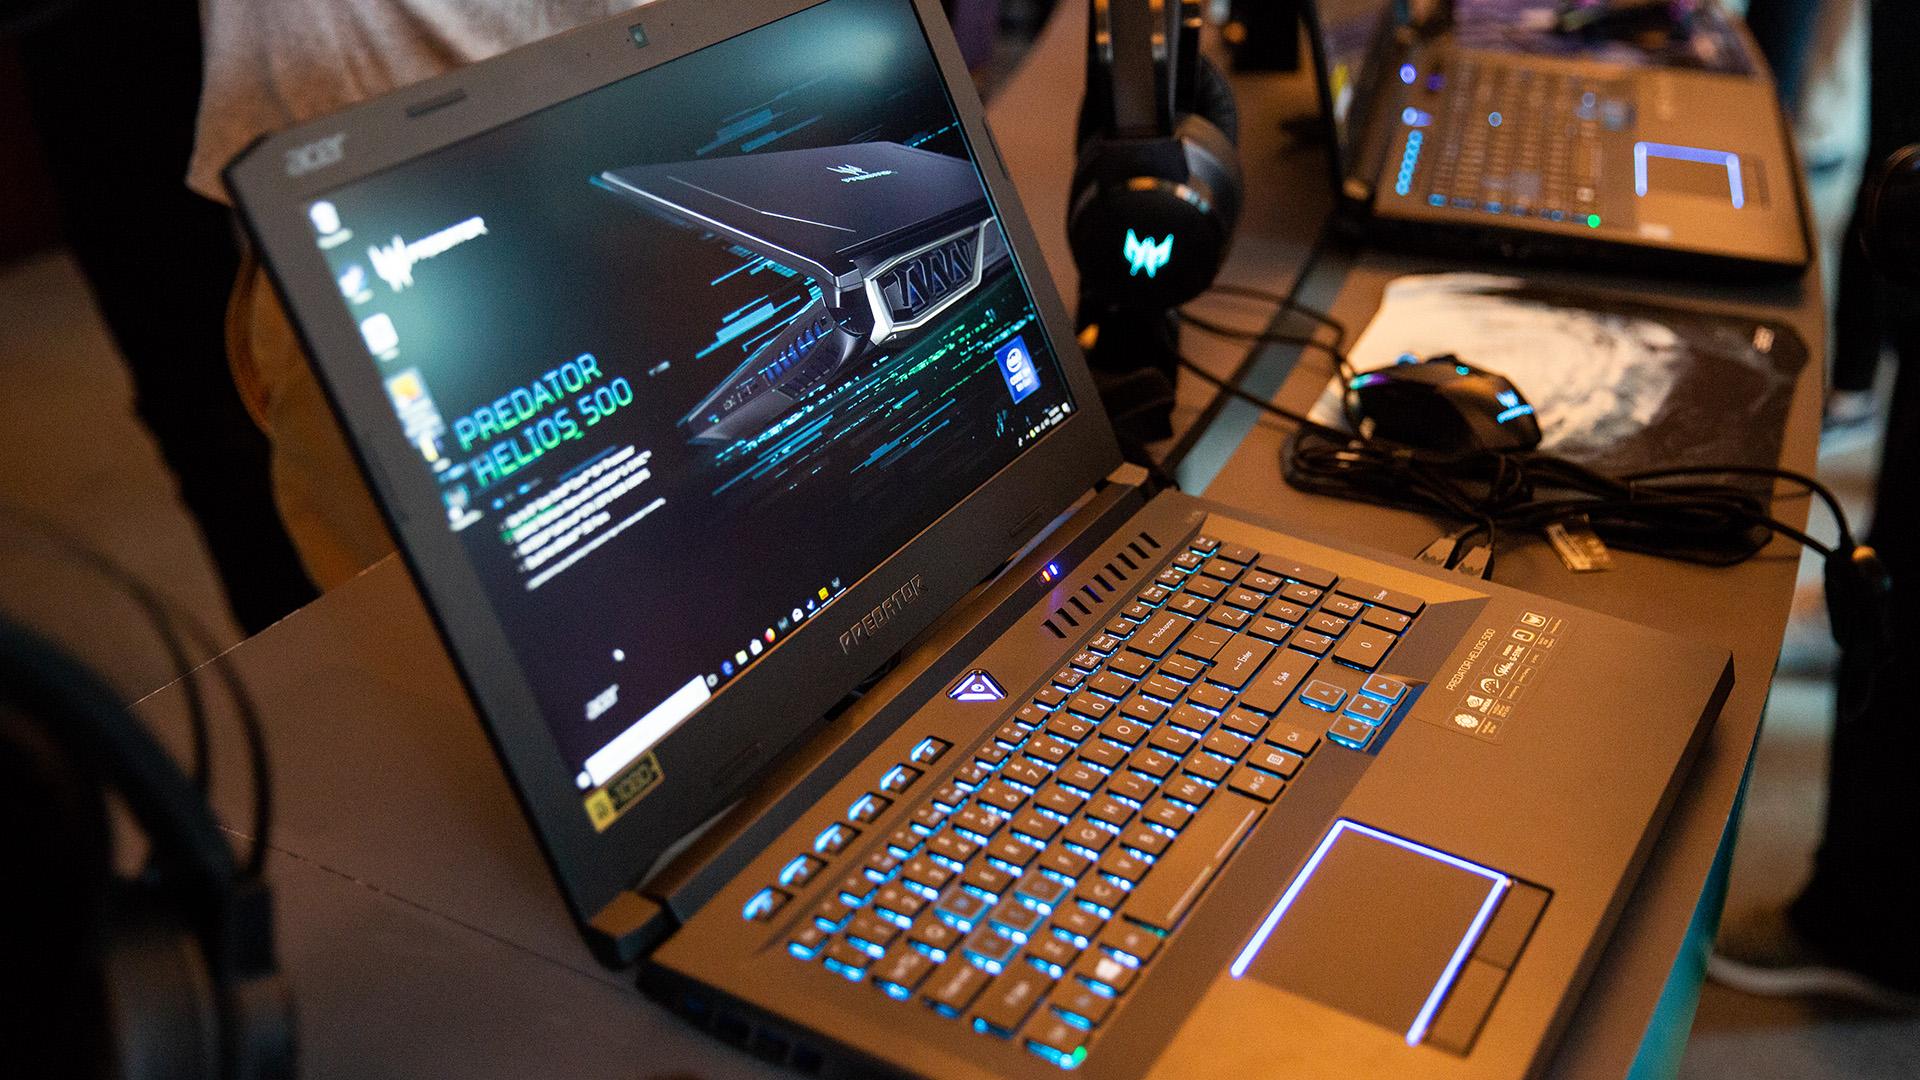 Acer-Portfolio 2018: Nitro-Gaming-PCs mit Ryzen und viele neue Notebooks - Beim Helios 500 bleibt Acer bei traditionellem Schwarz mit blauen Akzenten. (Bild: Robert Kern/Golem.de)